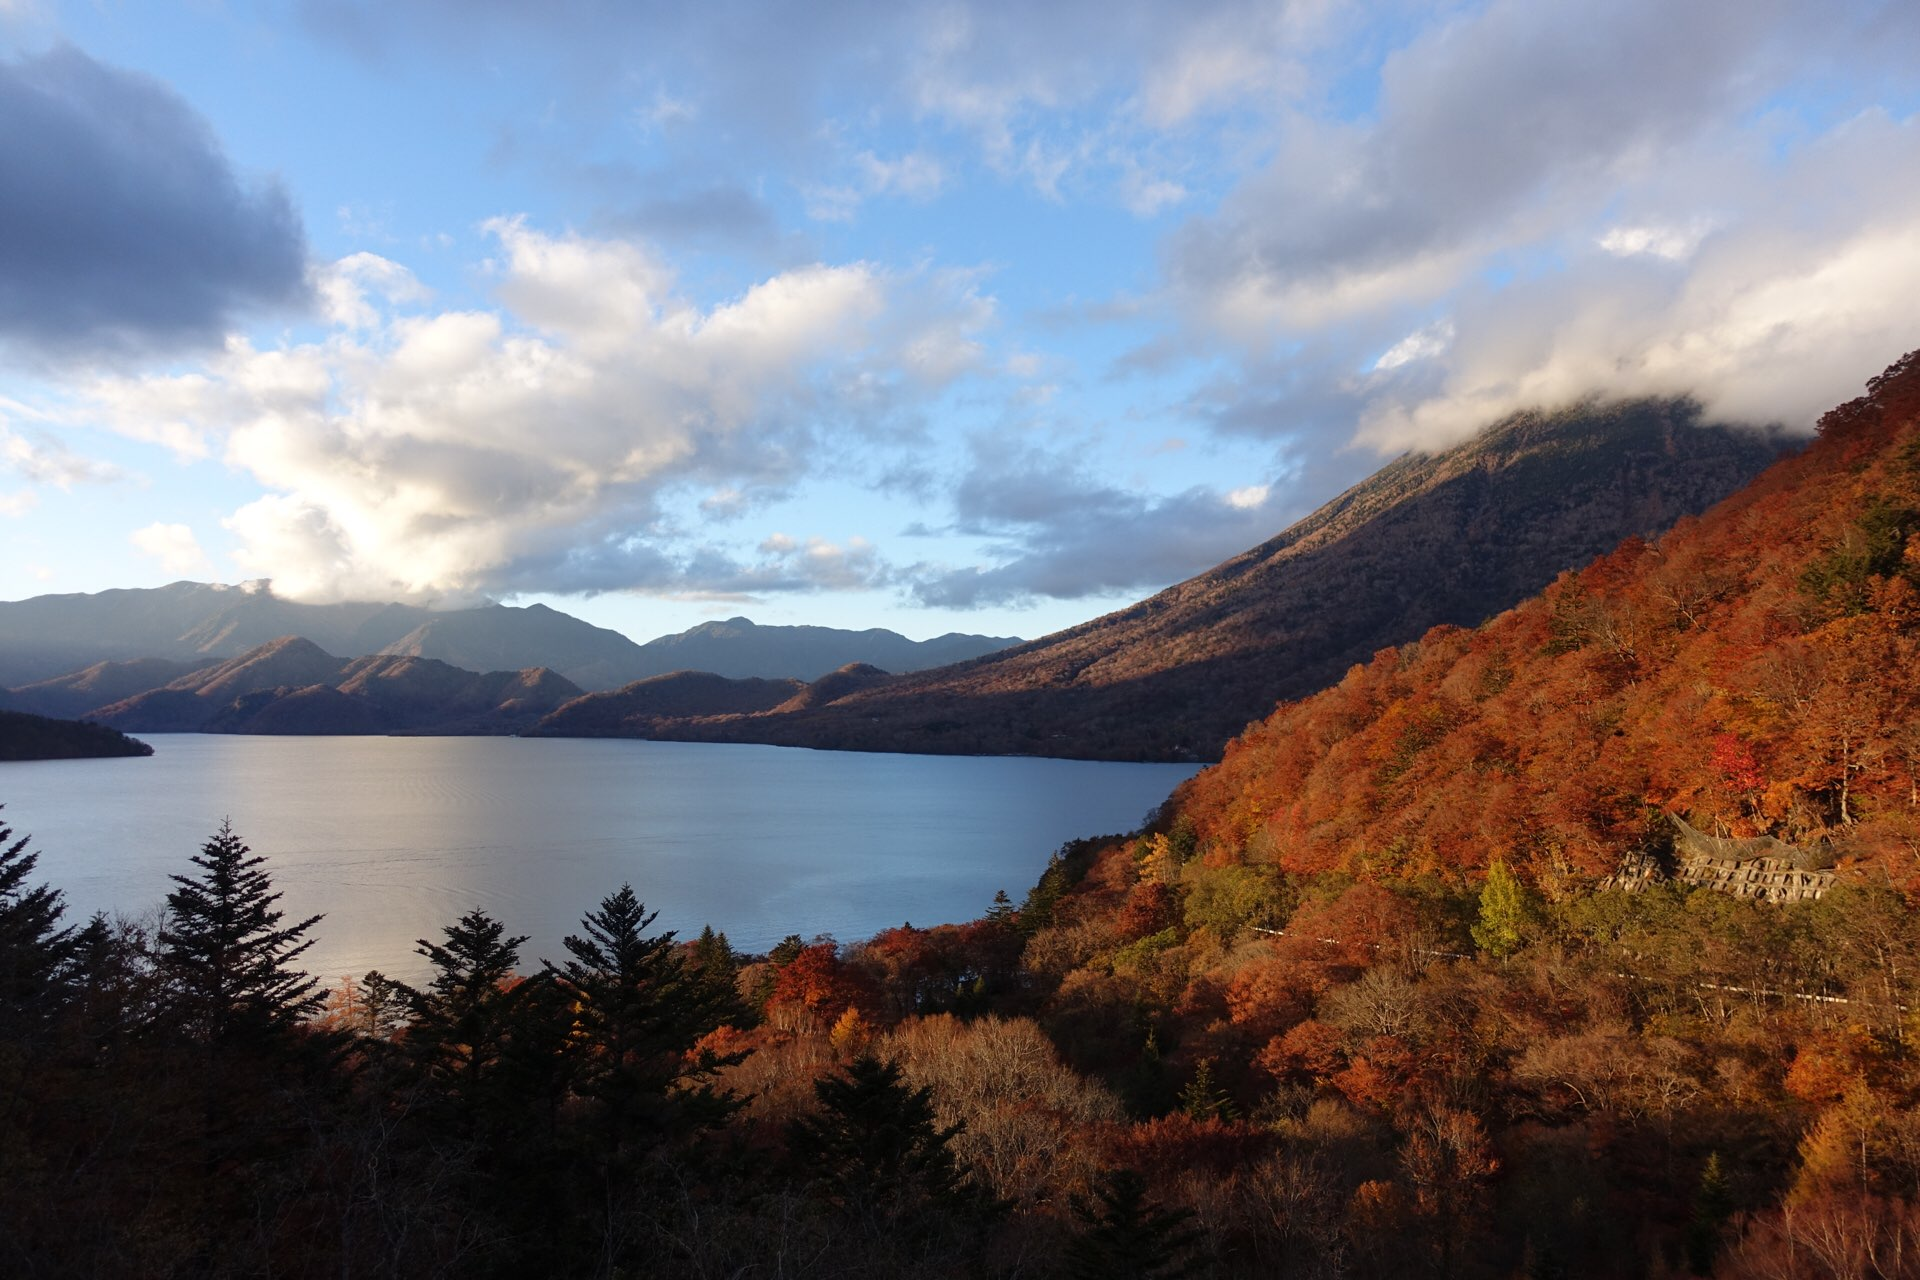 中禅寺湖スカイラインを登ってすぐのところからみた中禅寺湖も素敵な表情を見せてくれます